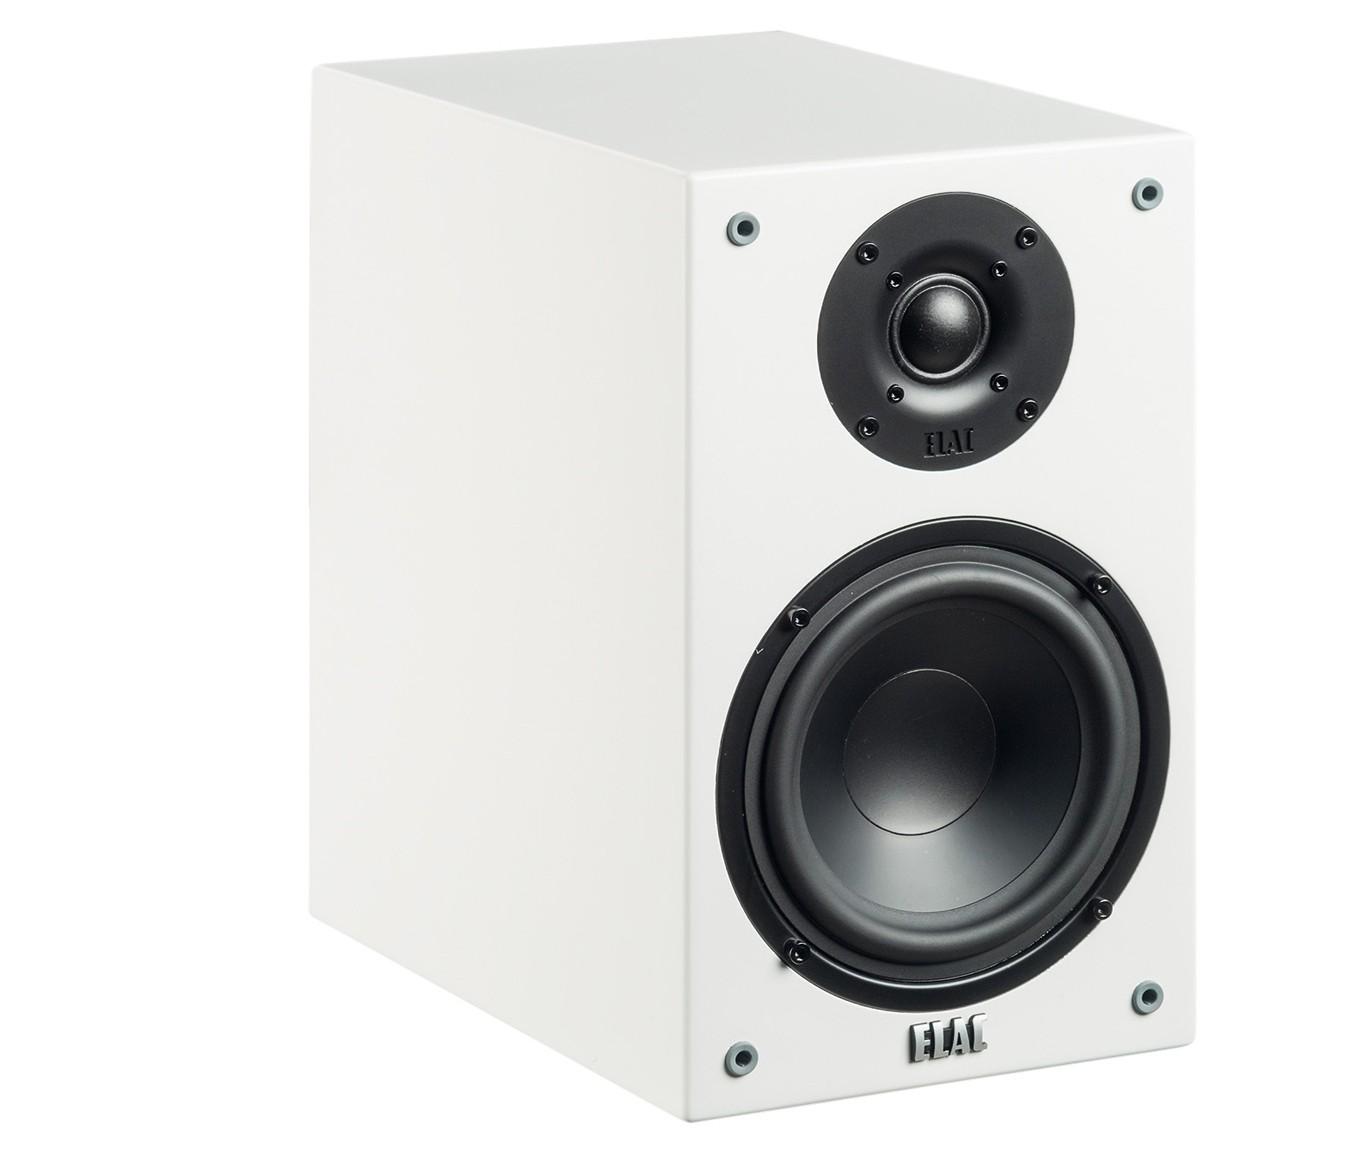 Lautsprecher Stereo Elac BS 73 im Test, Bild 14